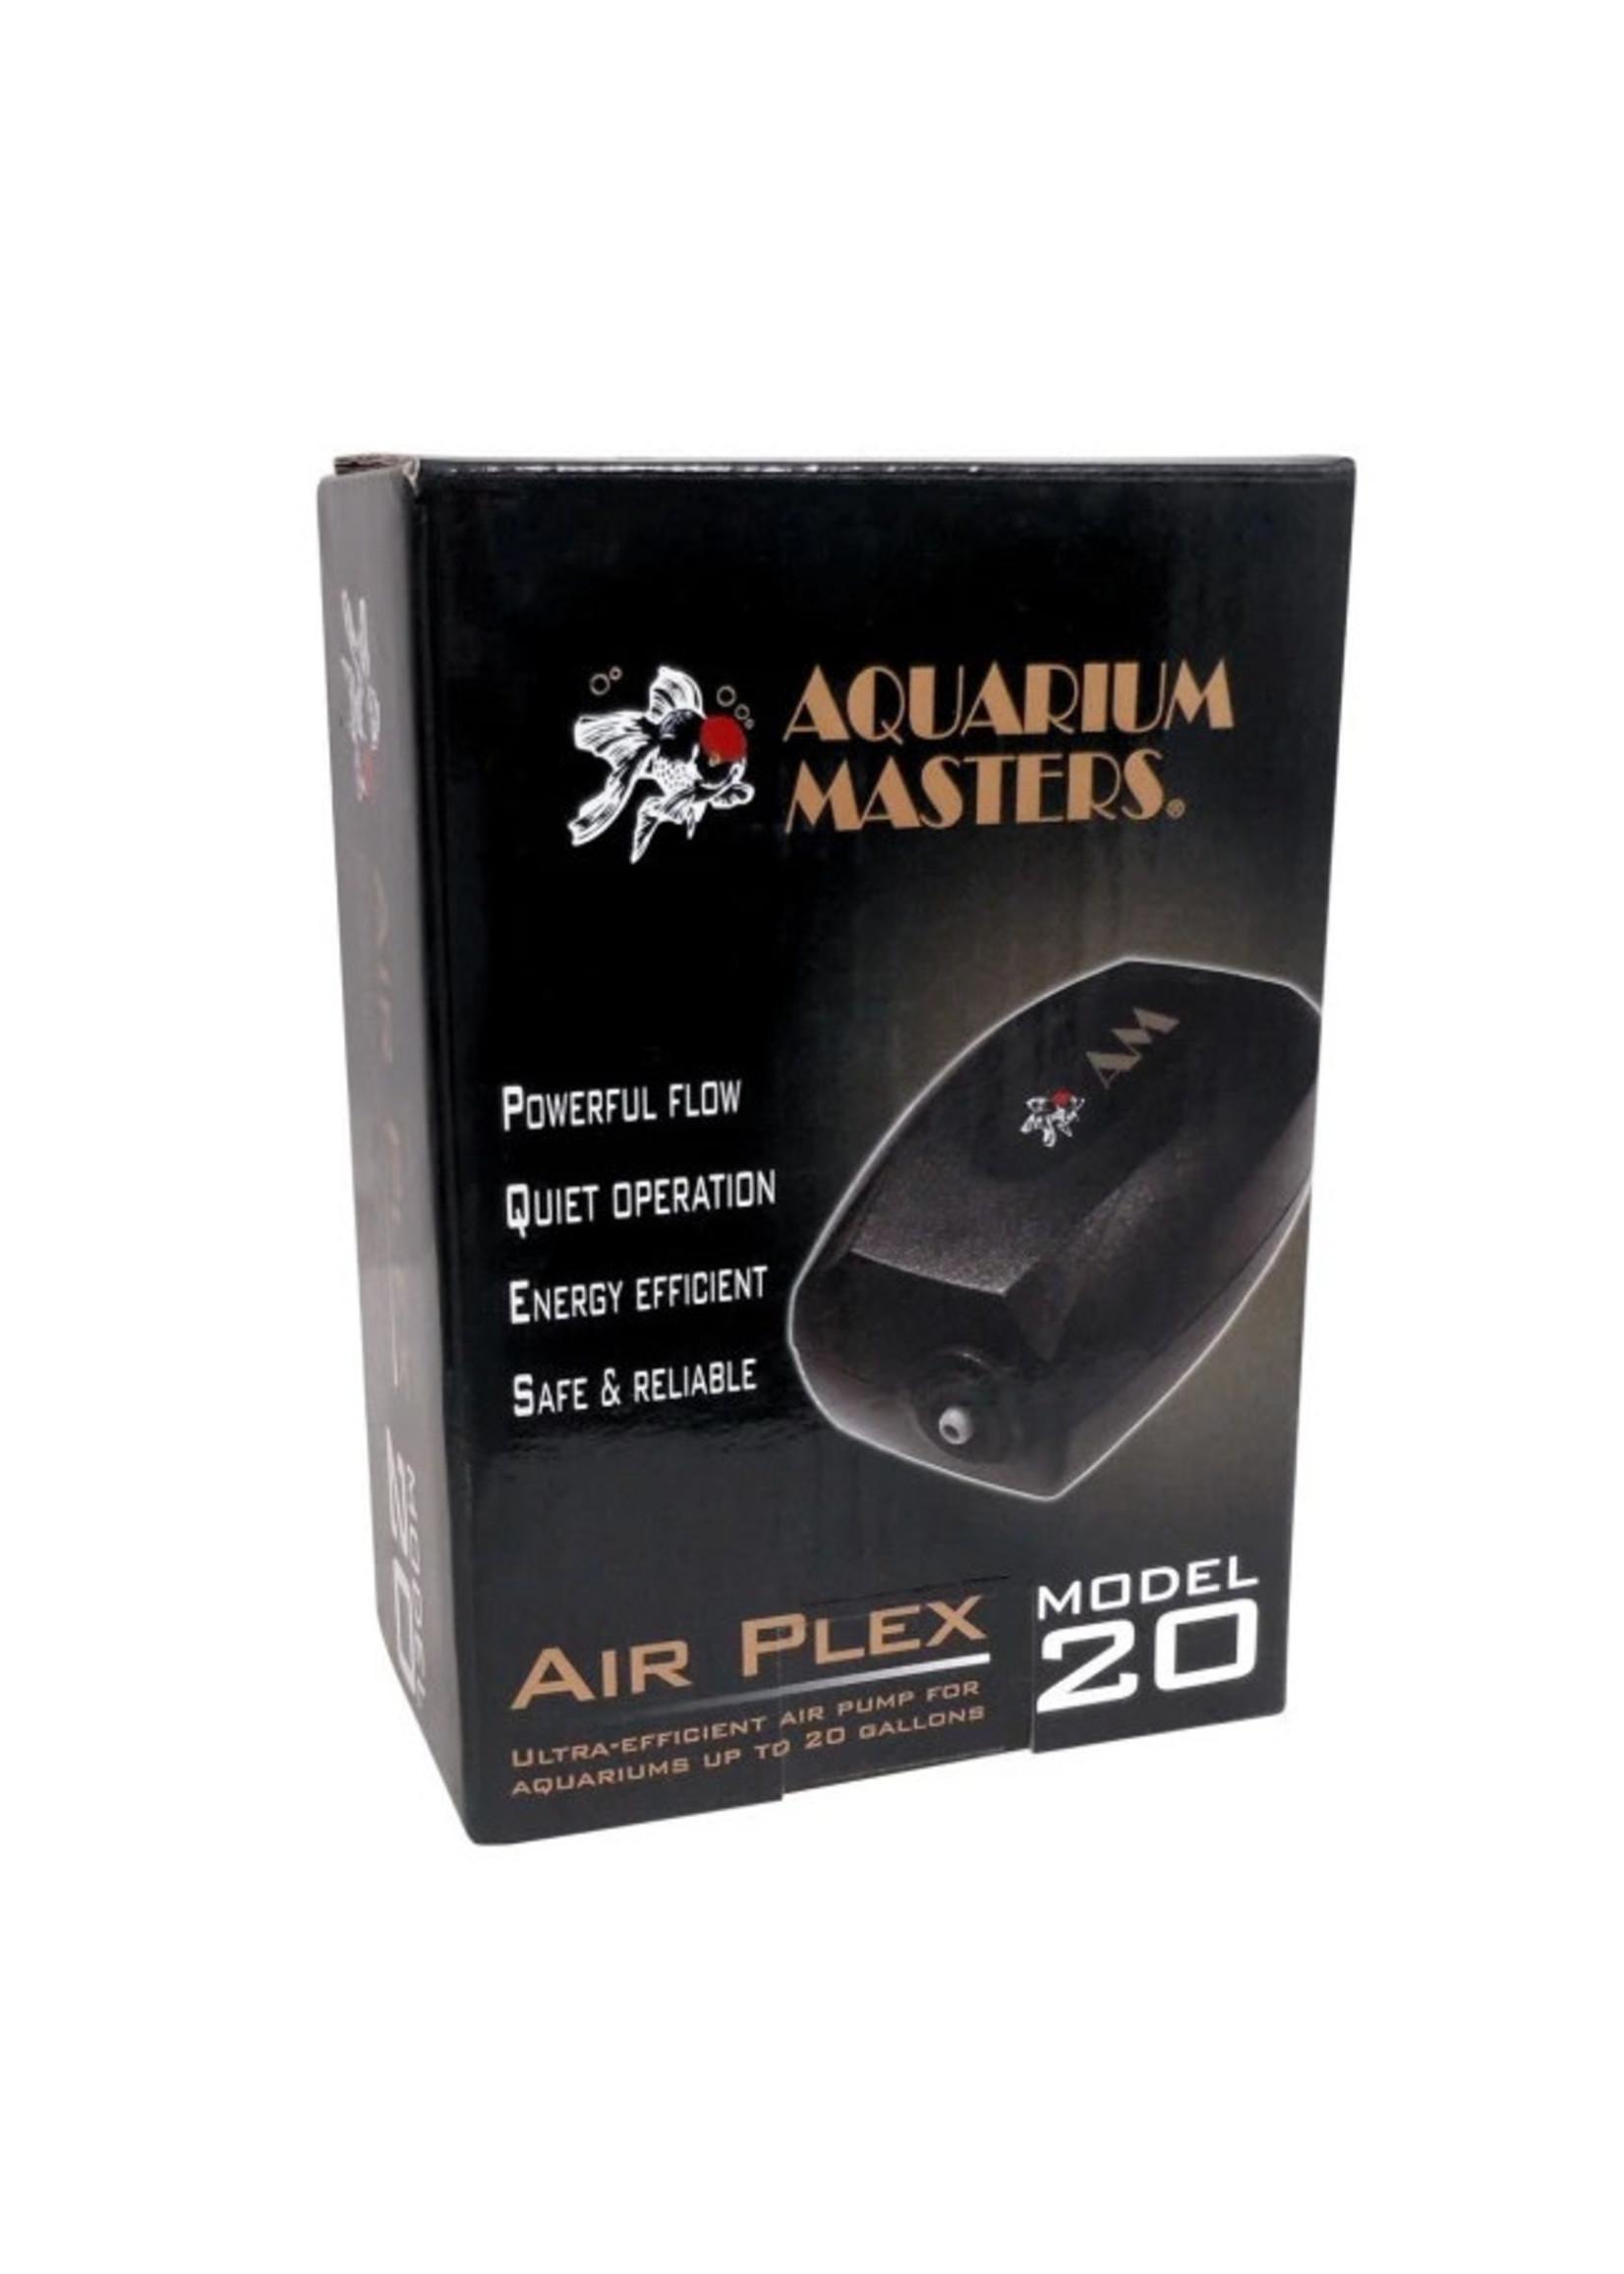 Aquarium Masters Aquarium Masters Air Plex Air Pump